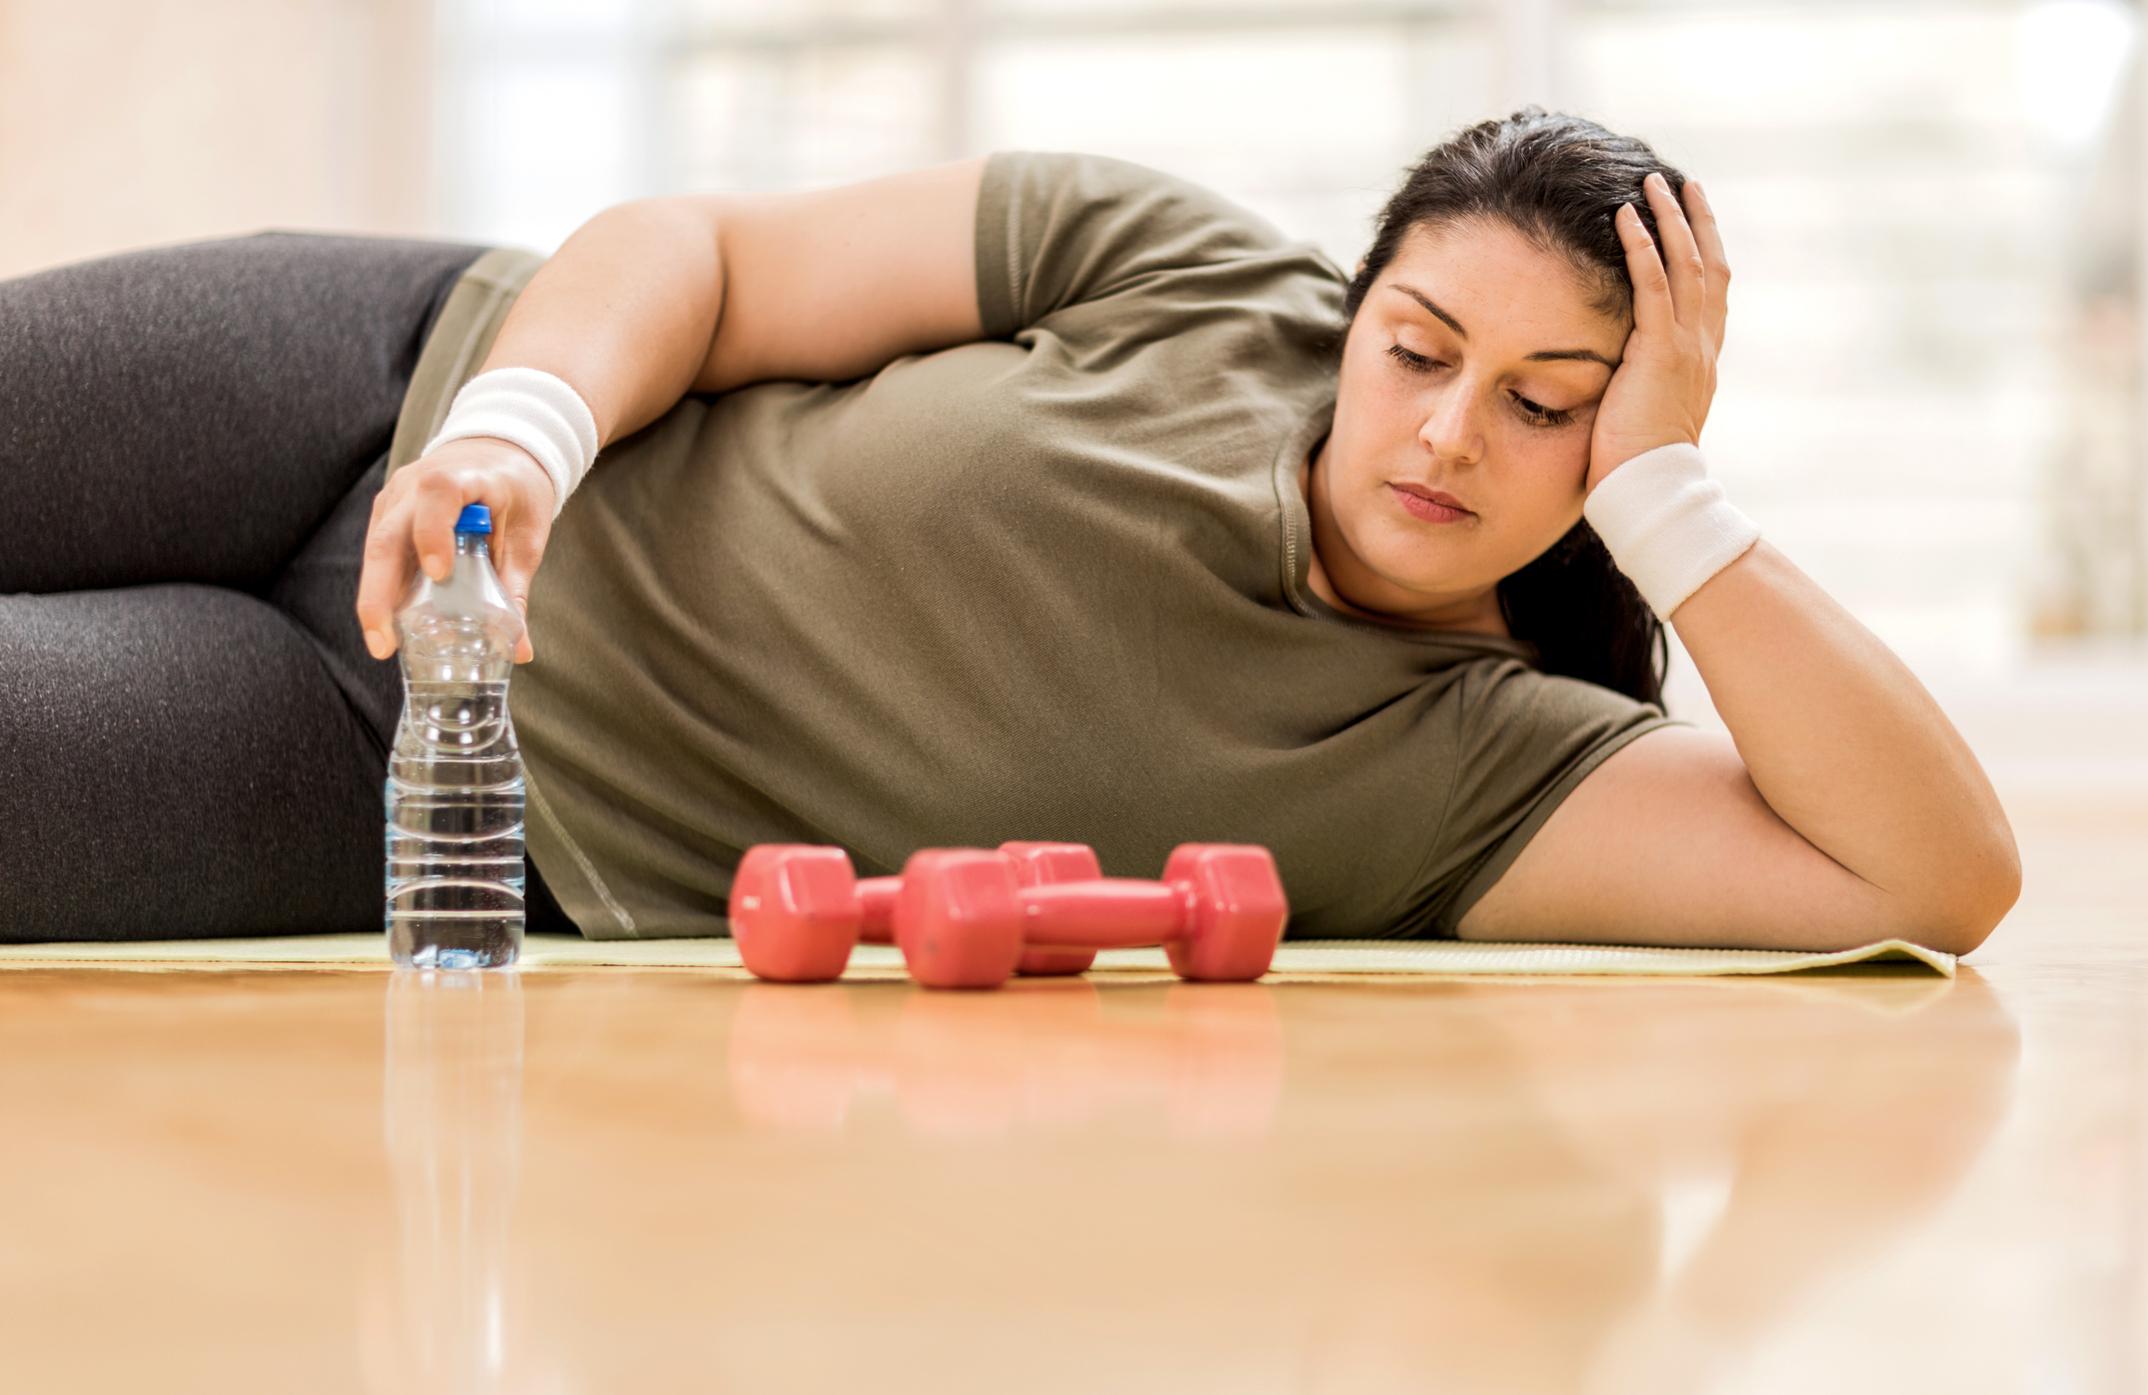 Lusták diétája: 5 tipp, amivel erőfeszítés nélkül ürülnek a zsírraktárak, Egyszerű fogyás lustáknak